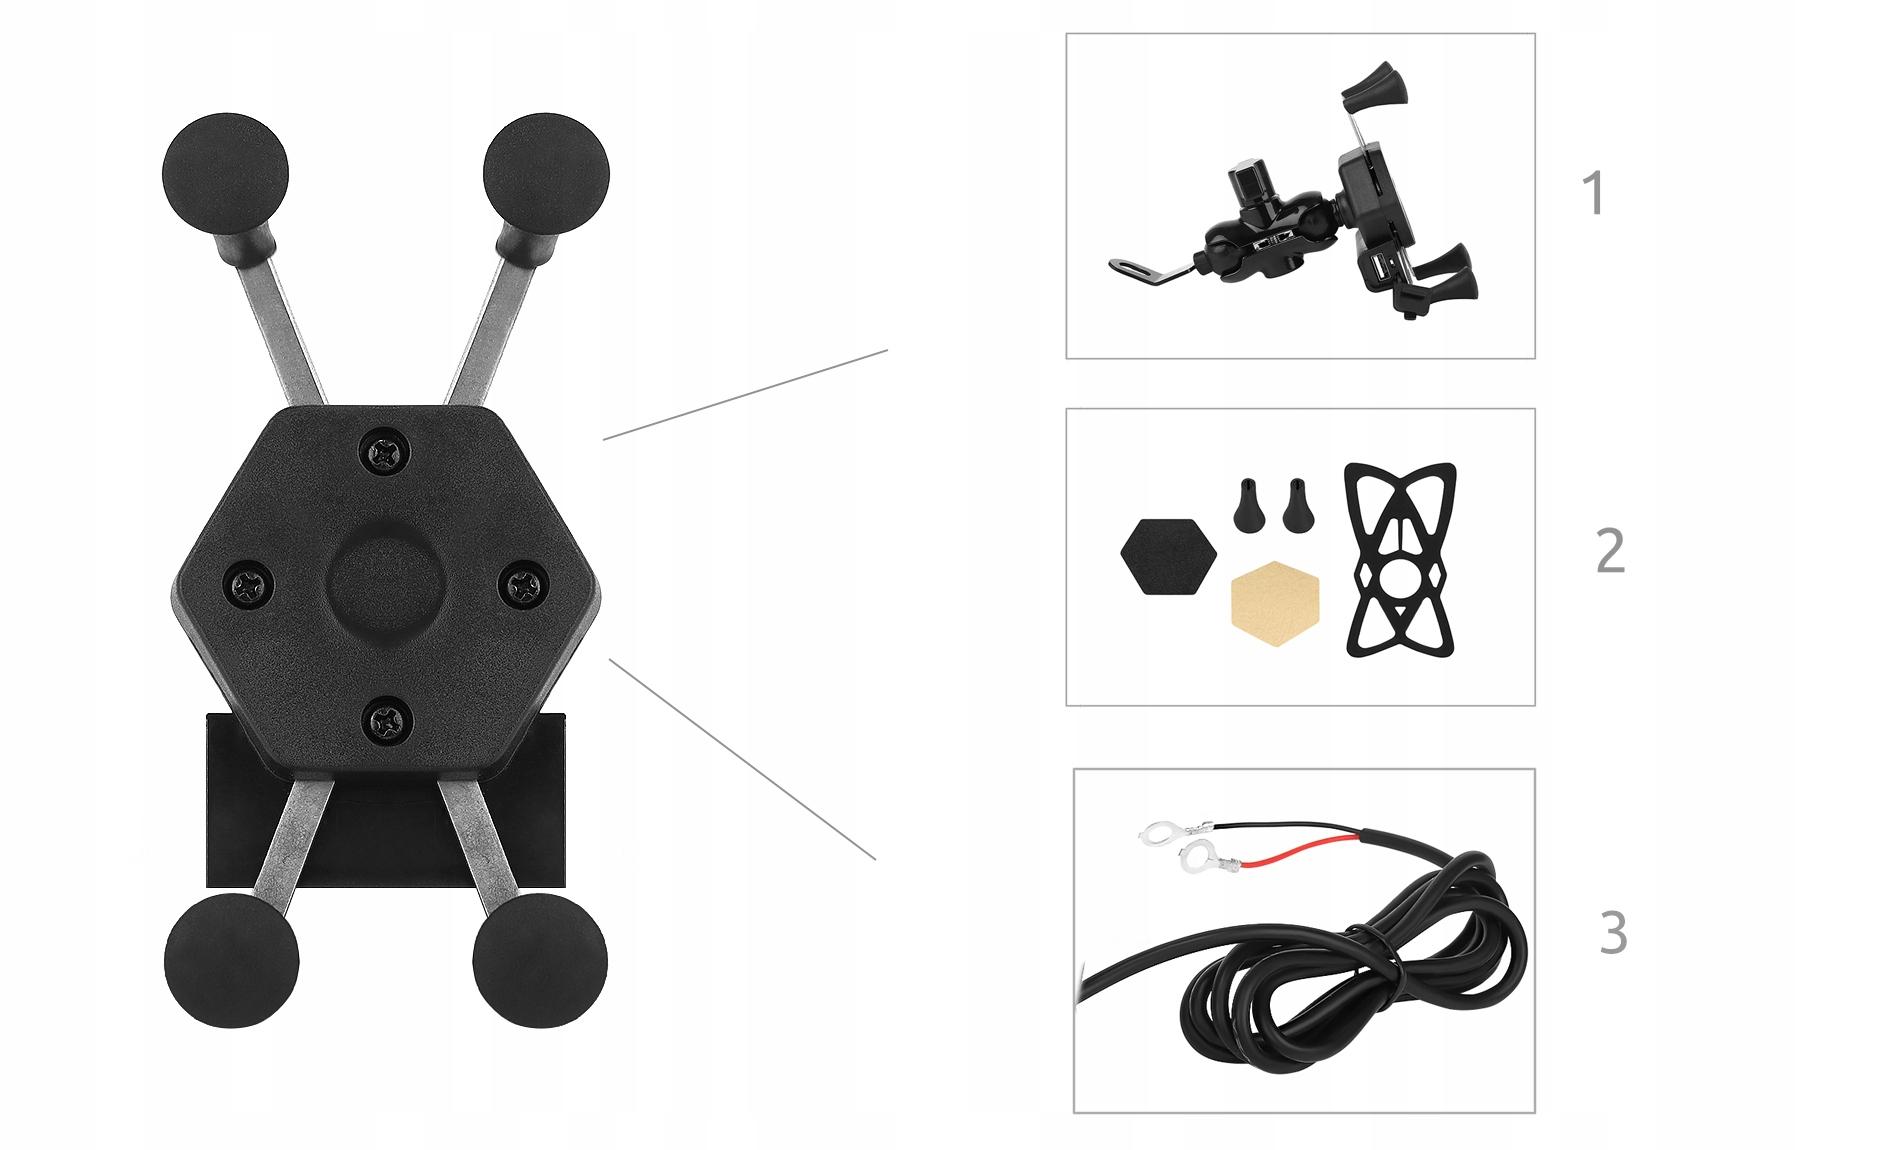 Uchwyt na telefon nawigację GPS do motocykla motoru ładowarka 3D